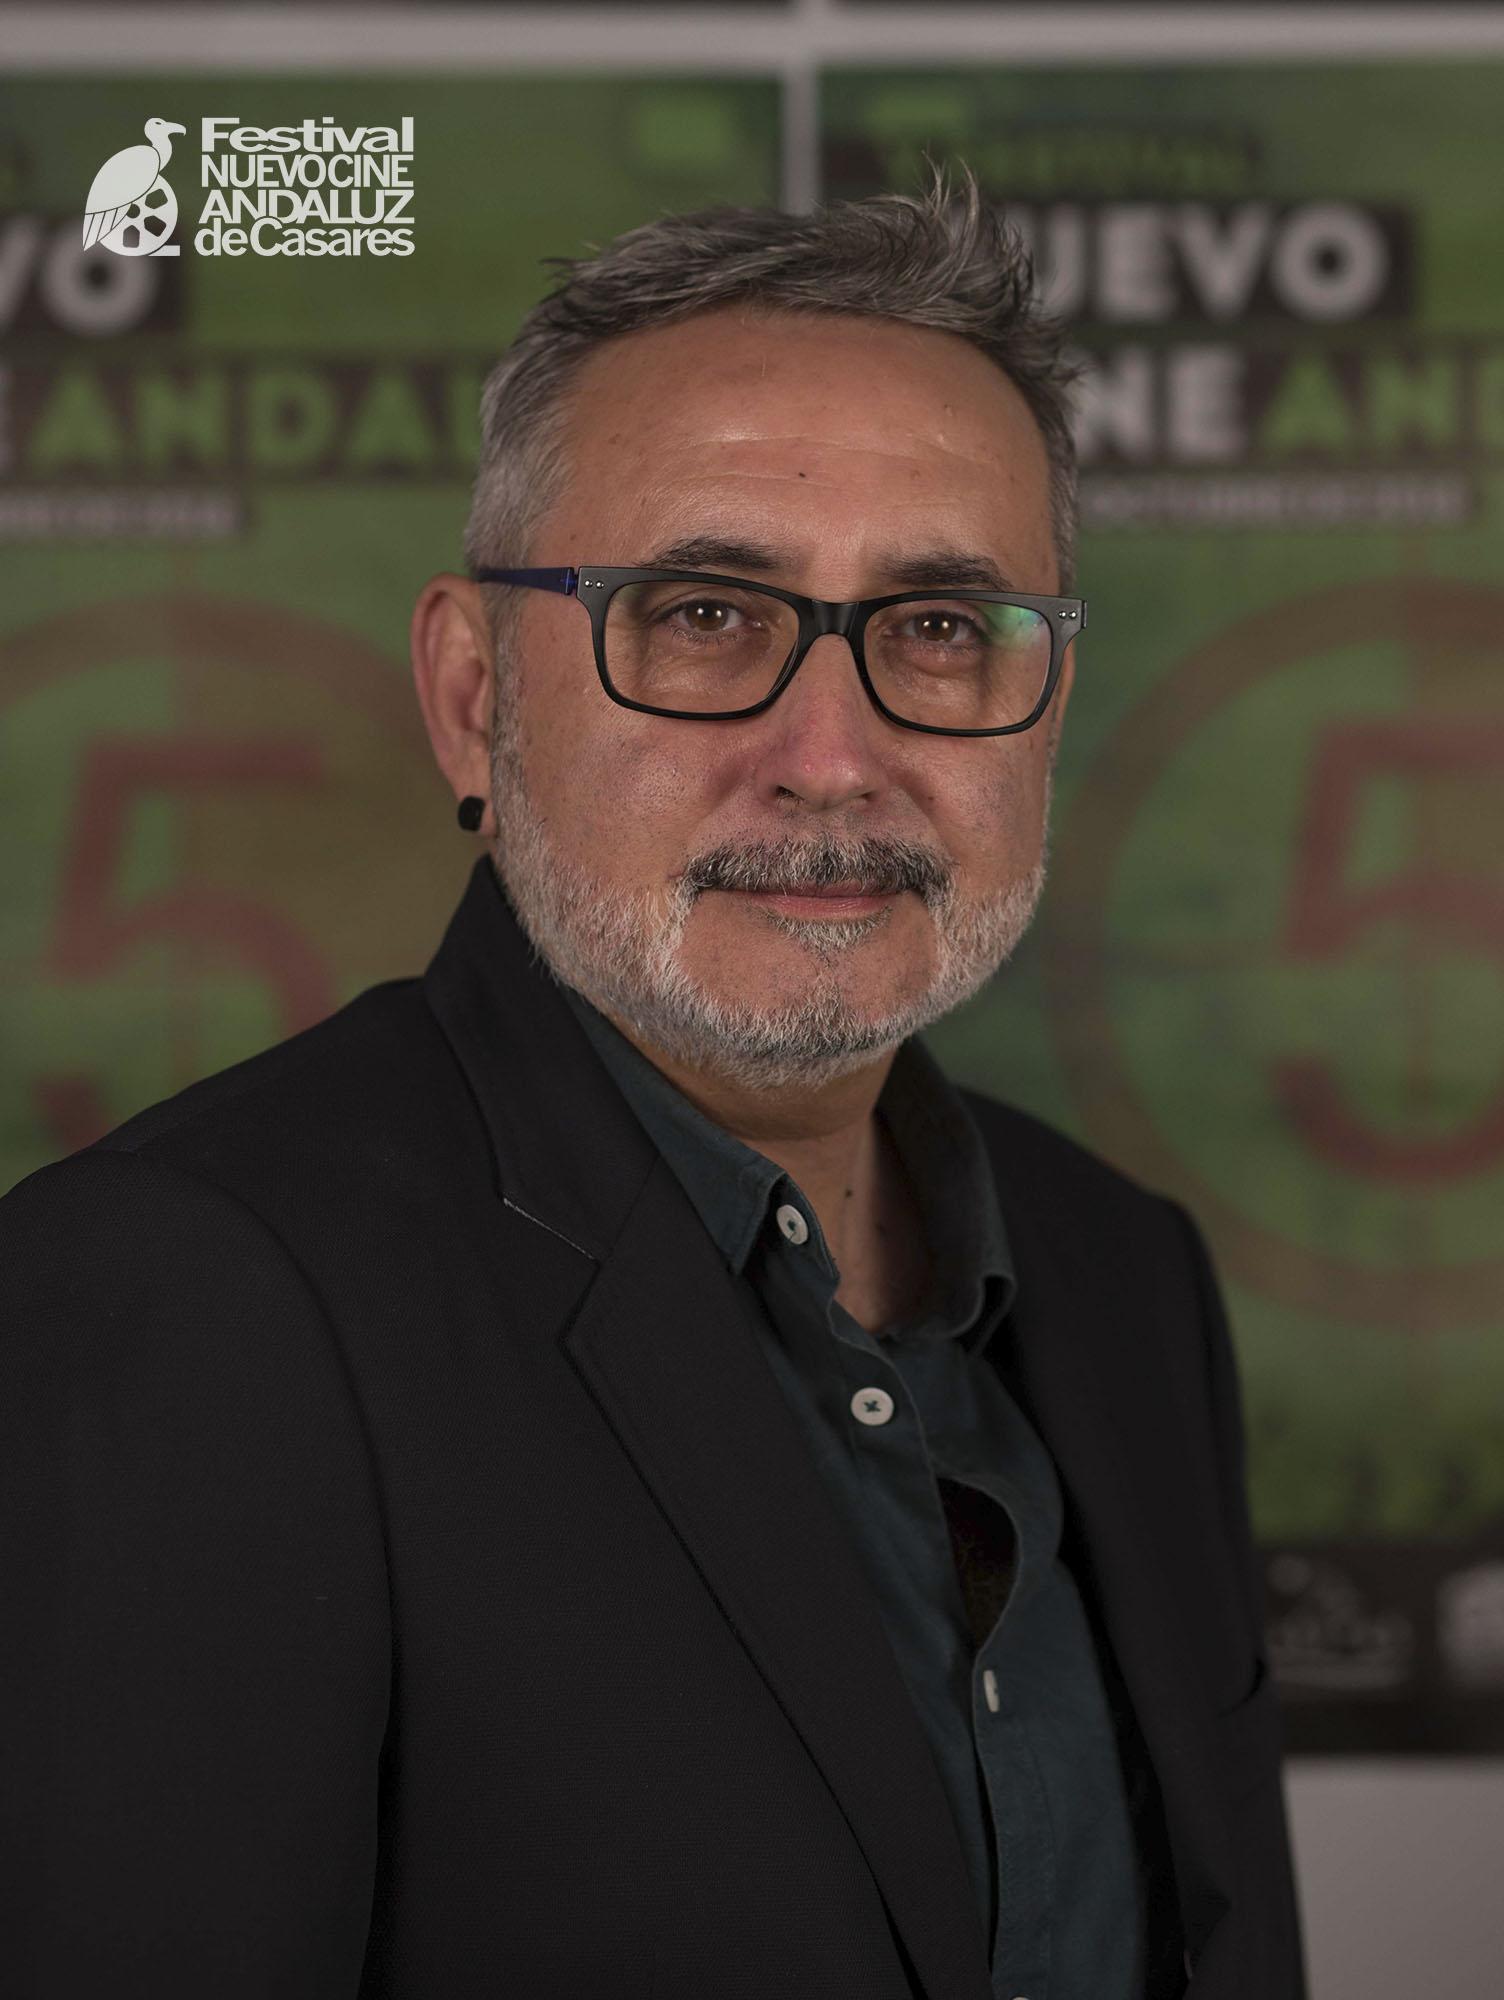 Javier Paisano, gestor cultural, periodista y presidente de ASECAN